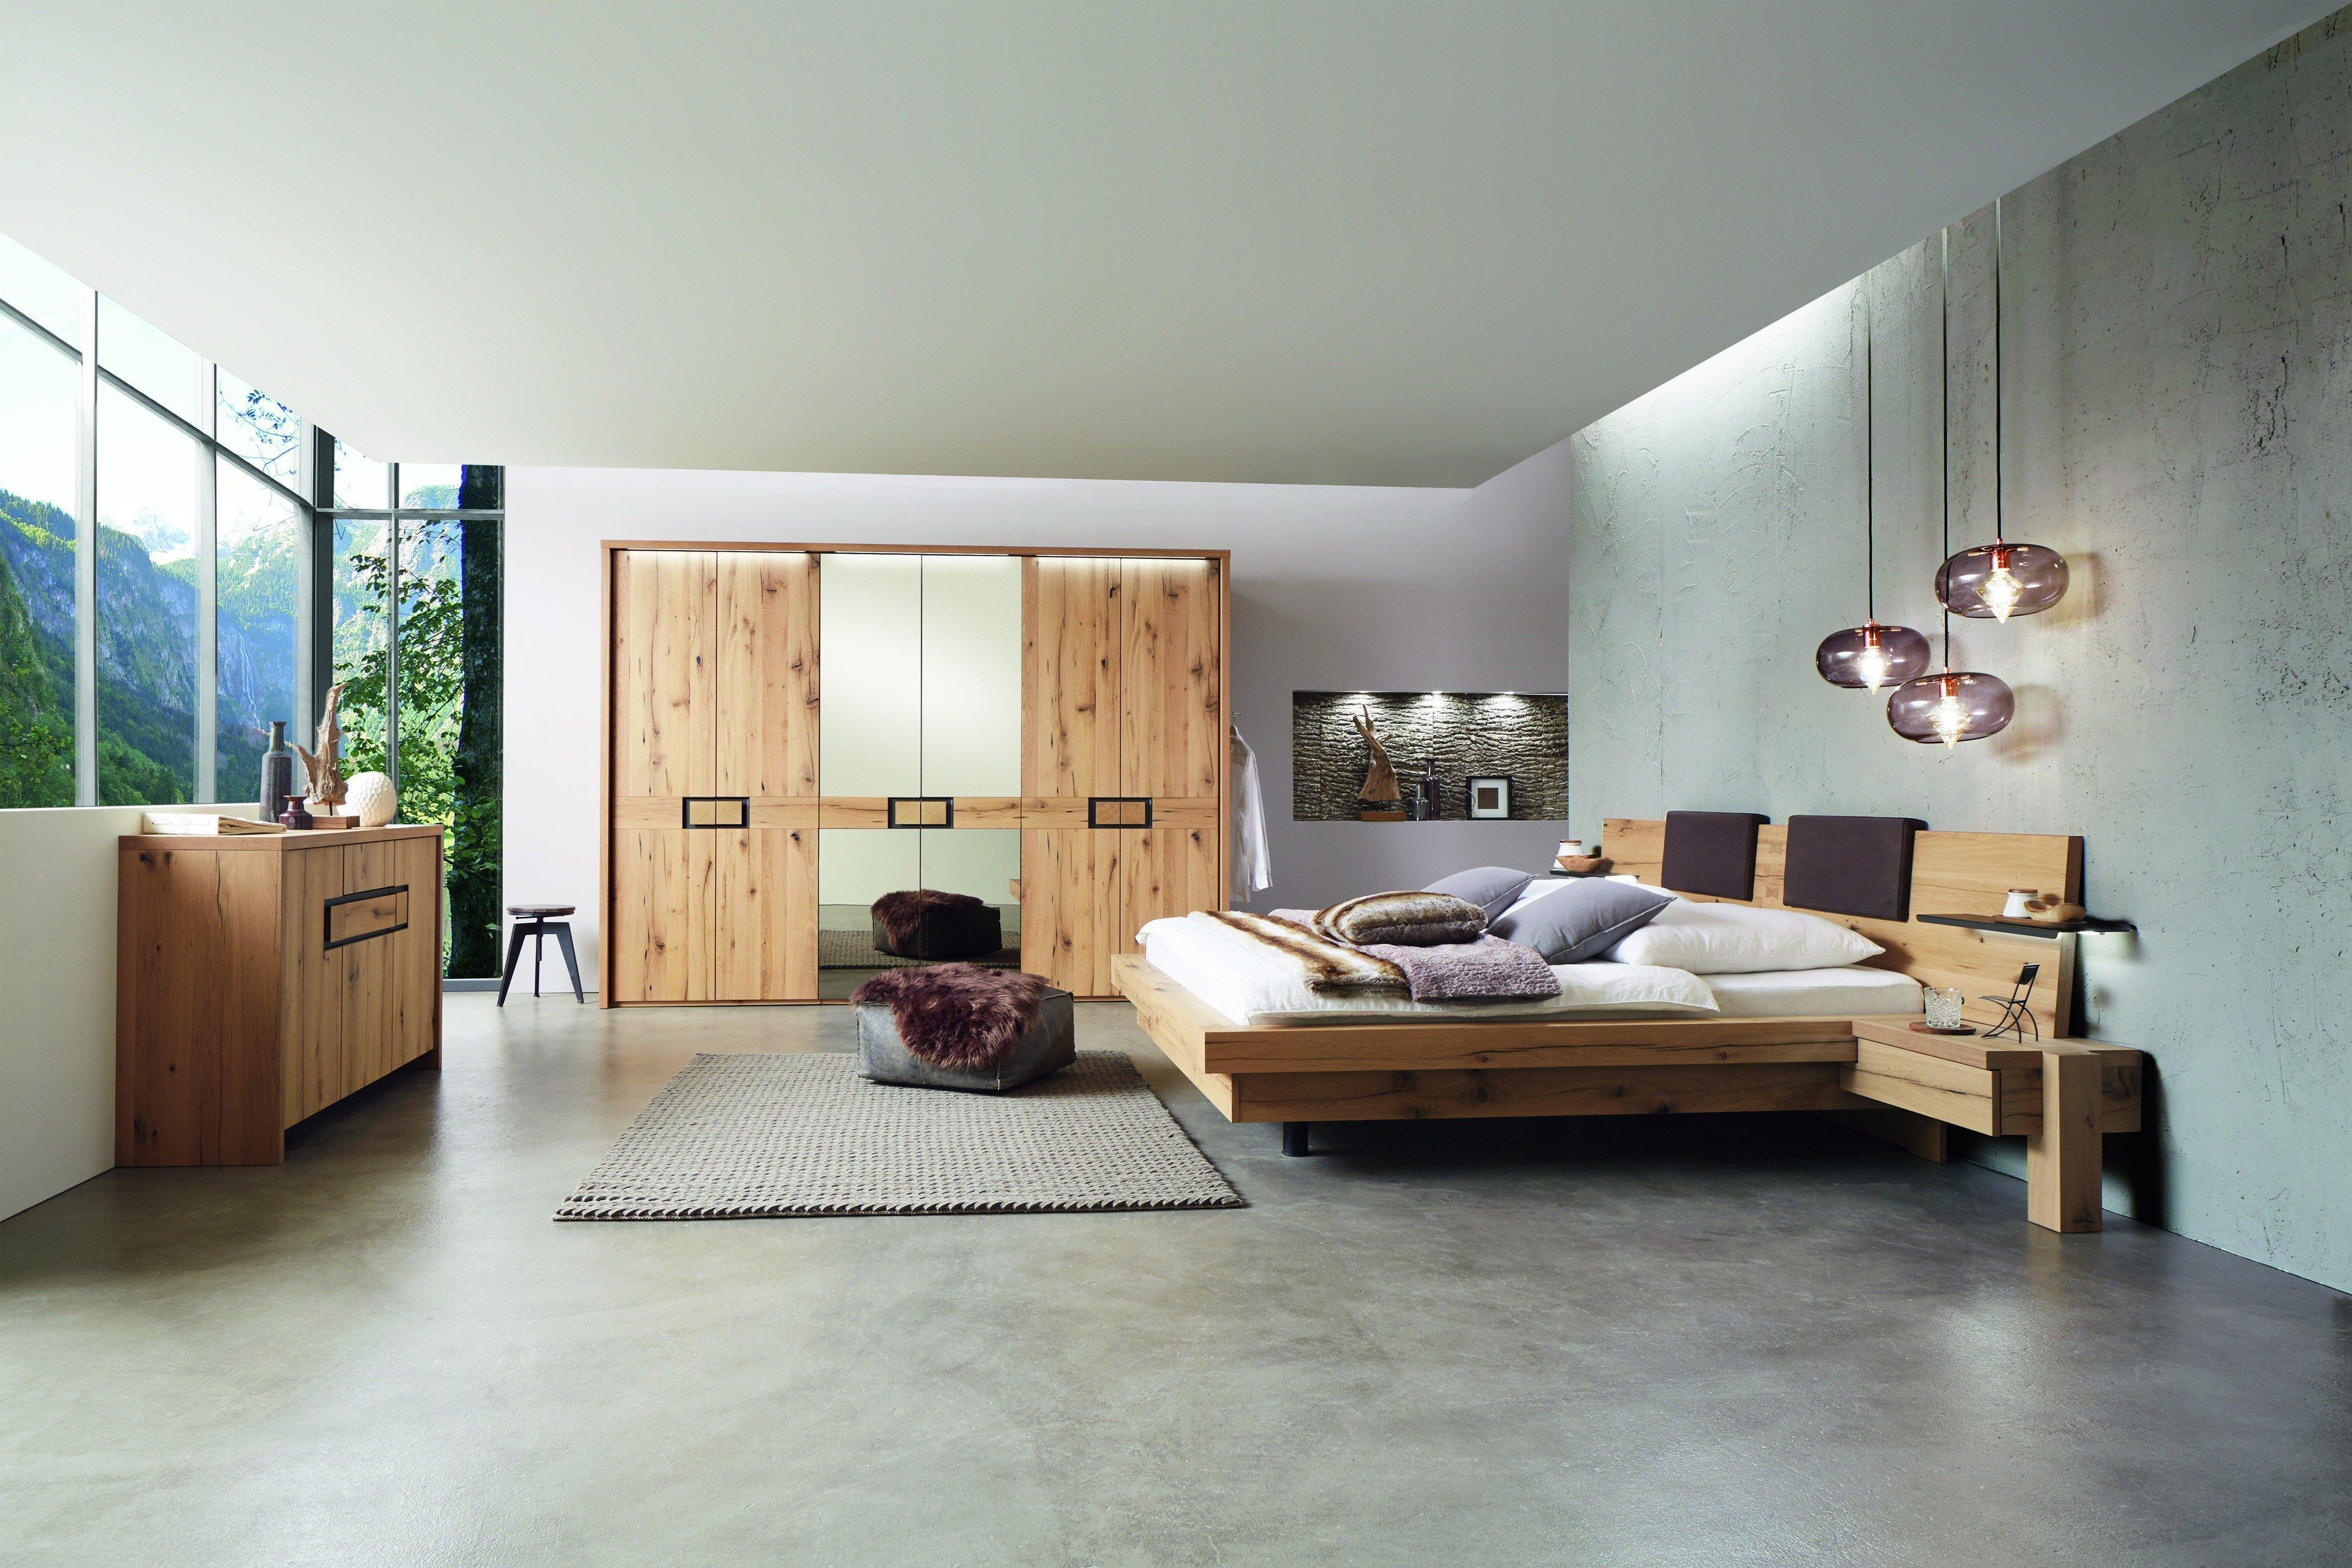 wsm 2100 von wostmann komplett schlafzimmer eiche altholz